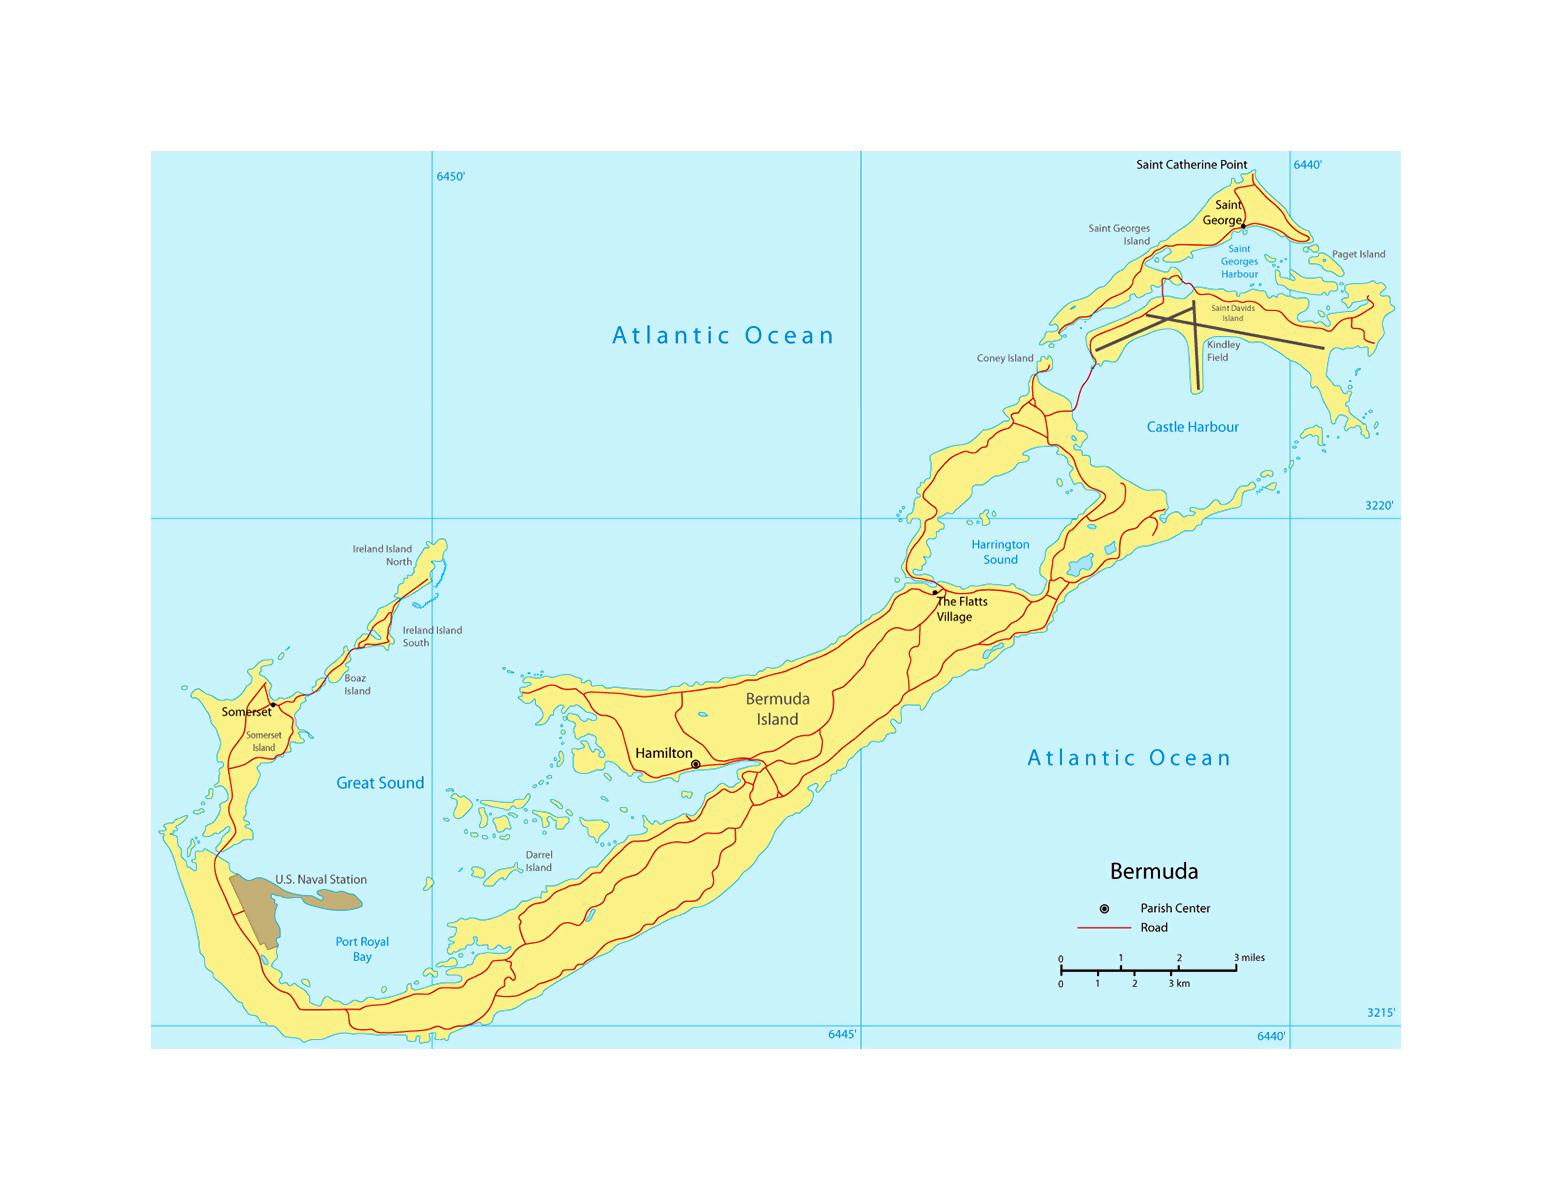 Detailed map of Bermuda with roads and cities | Bermuda ... on driving map of bermuda, language of bermuda, political map of bermuda, weather of bermuda, full map of bermuda, detailed world map, map of the bermuda, map of pembroke bermuda, satellite map of bermuda, map of caribbean islands and bermuda, world map bermuda, small map of bermuda, street map of bermuda, order a map of bermuda, road map of bermuda, google maps bermuda, photographs of bermuda, printable map of bermuda, map showing bermuda,